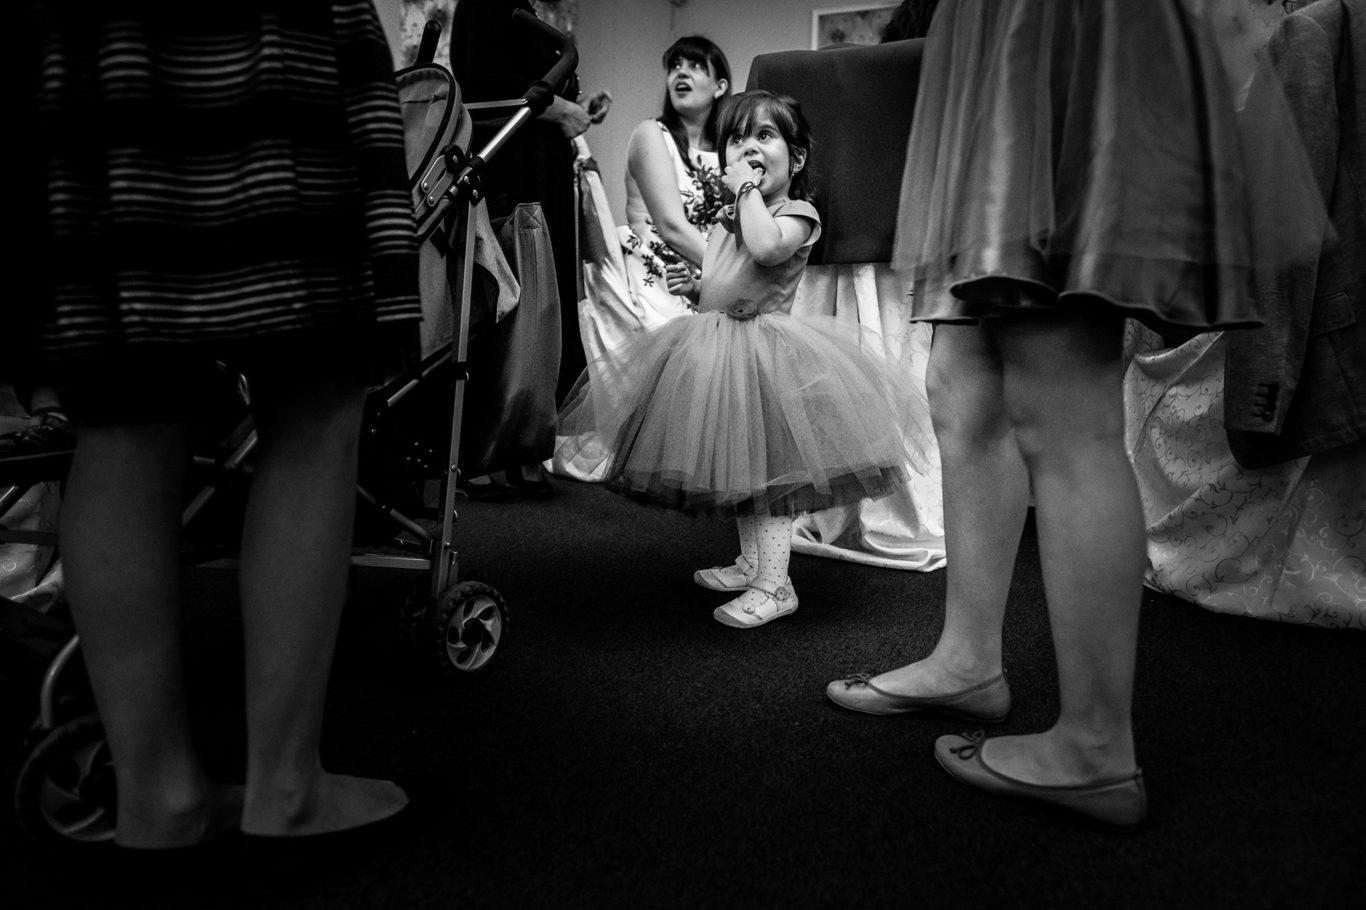 0351-Fotografie-nunta-Flory-Cristi-fotograf-Ciprian-Dumitrescu-DSCF8983